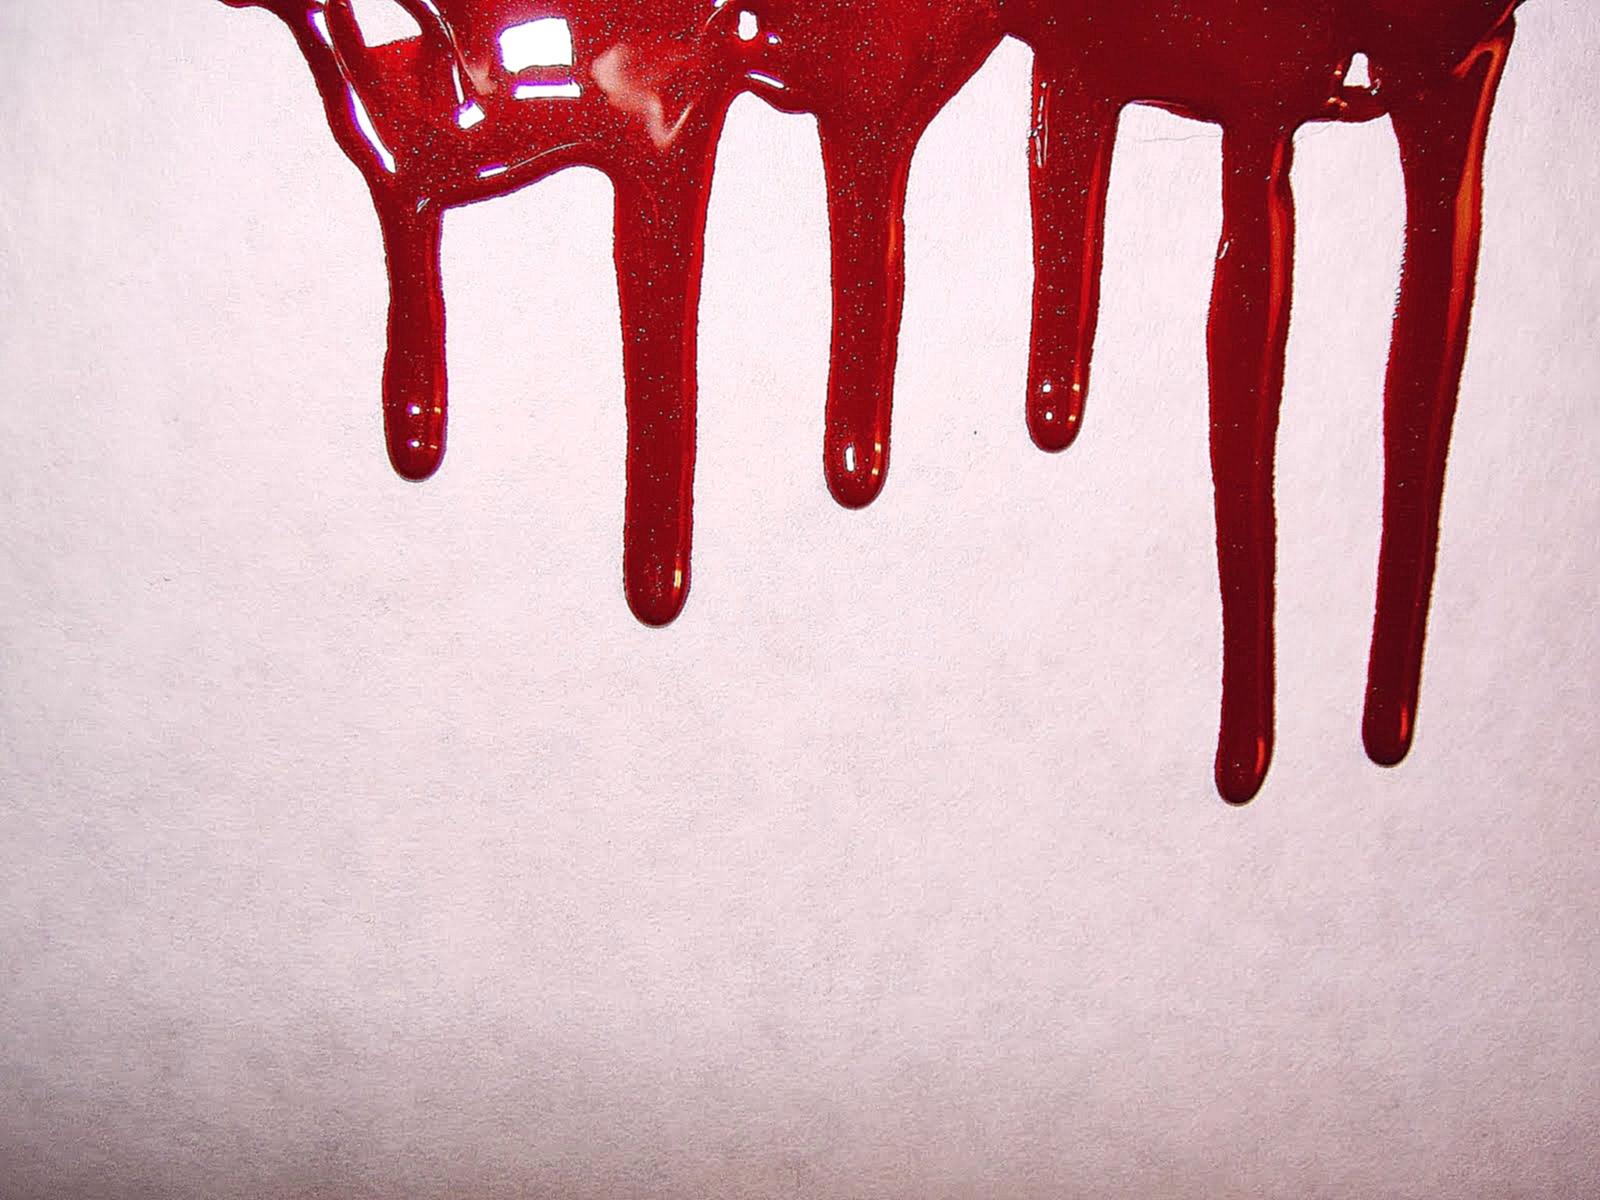 álomkönyv piros foltok a kezeken